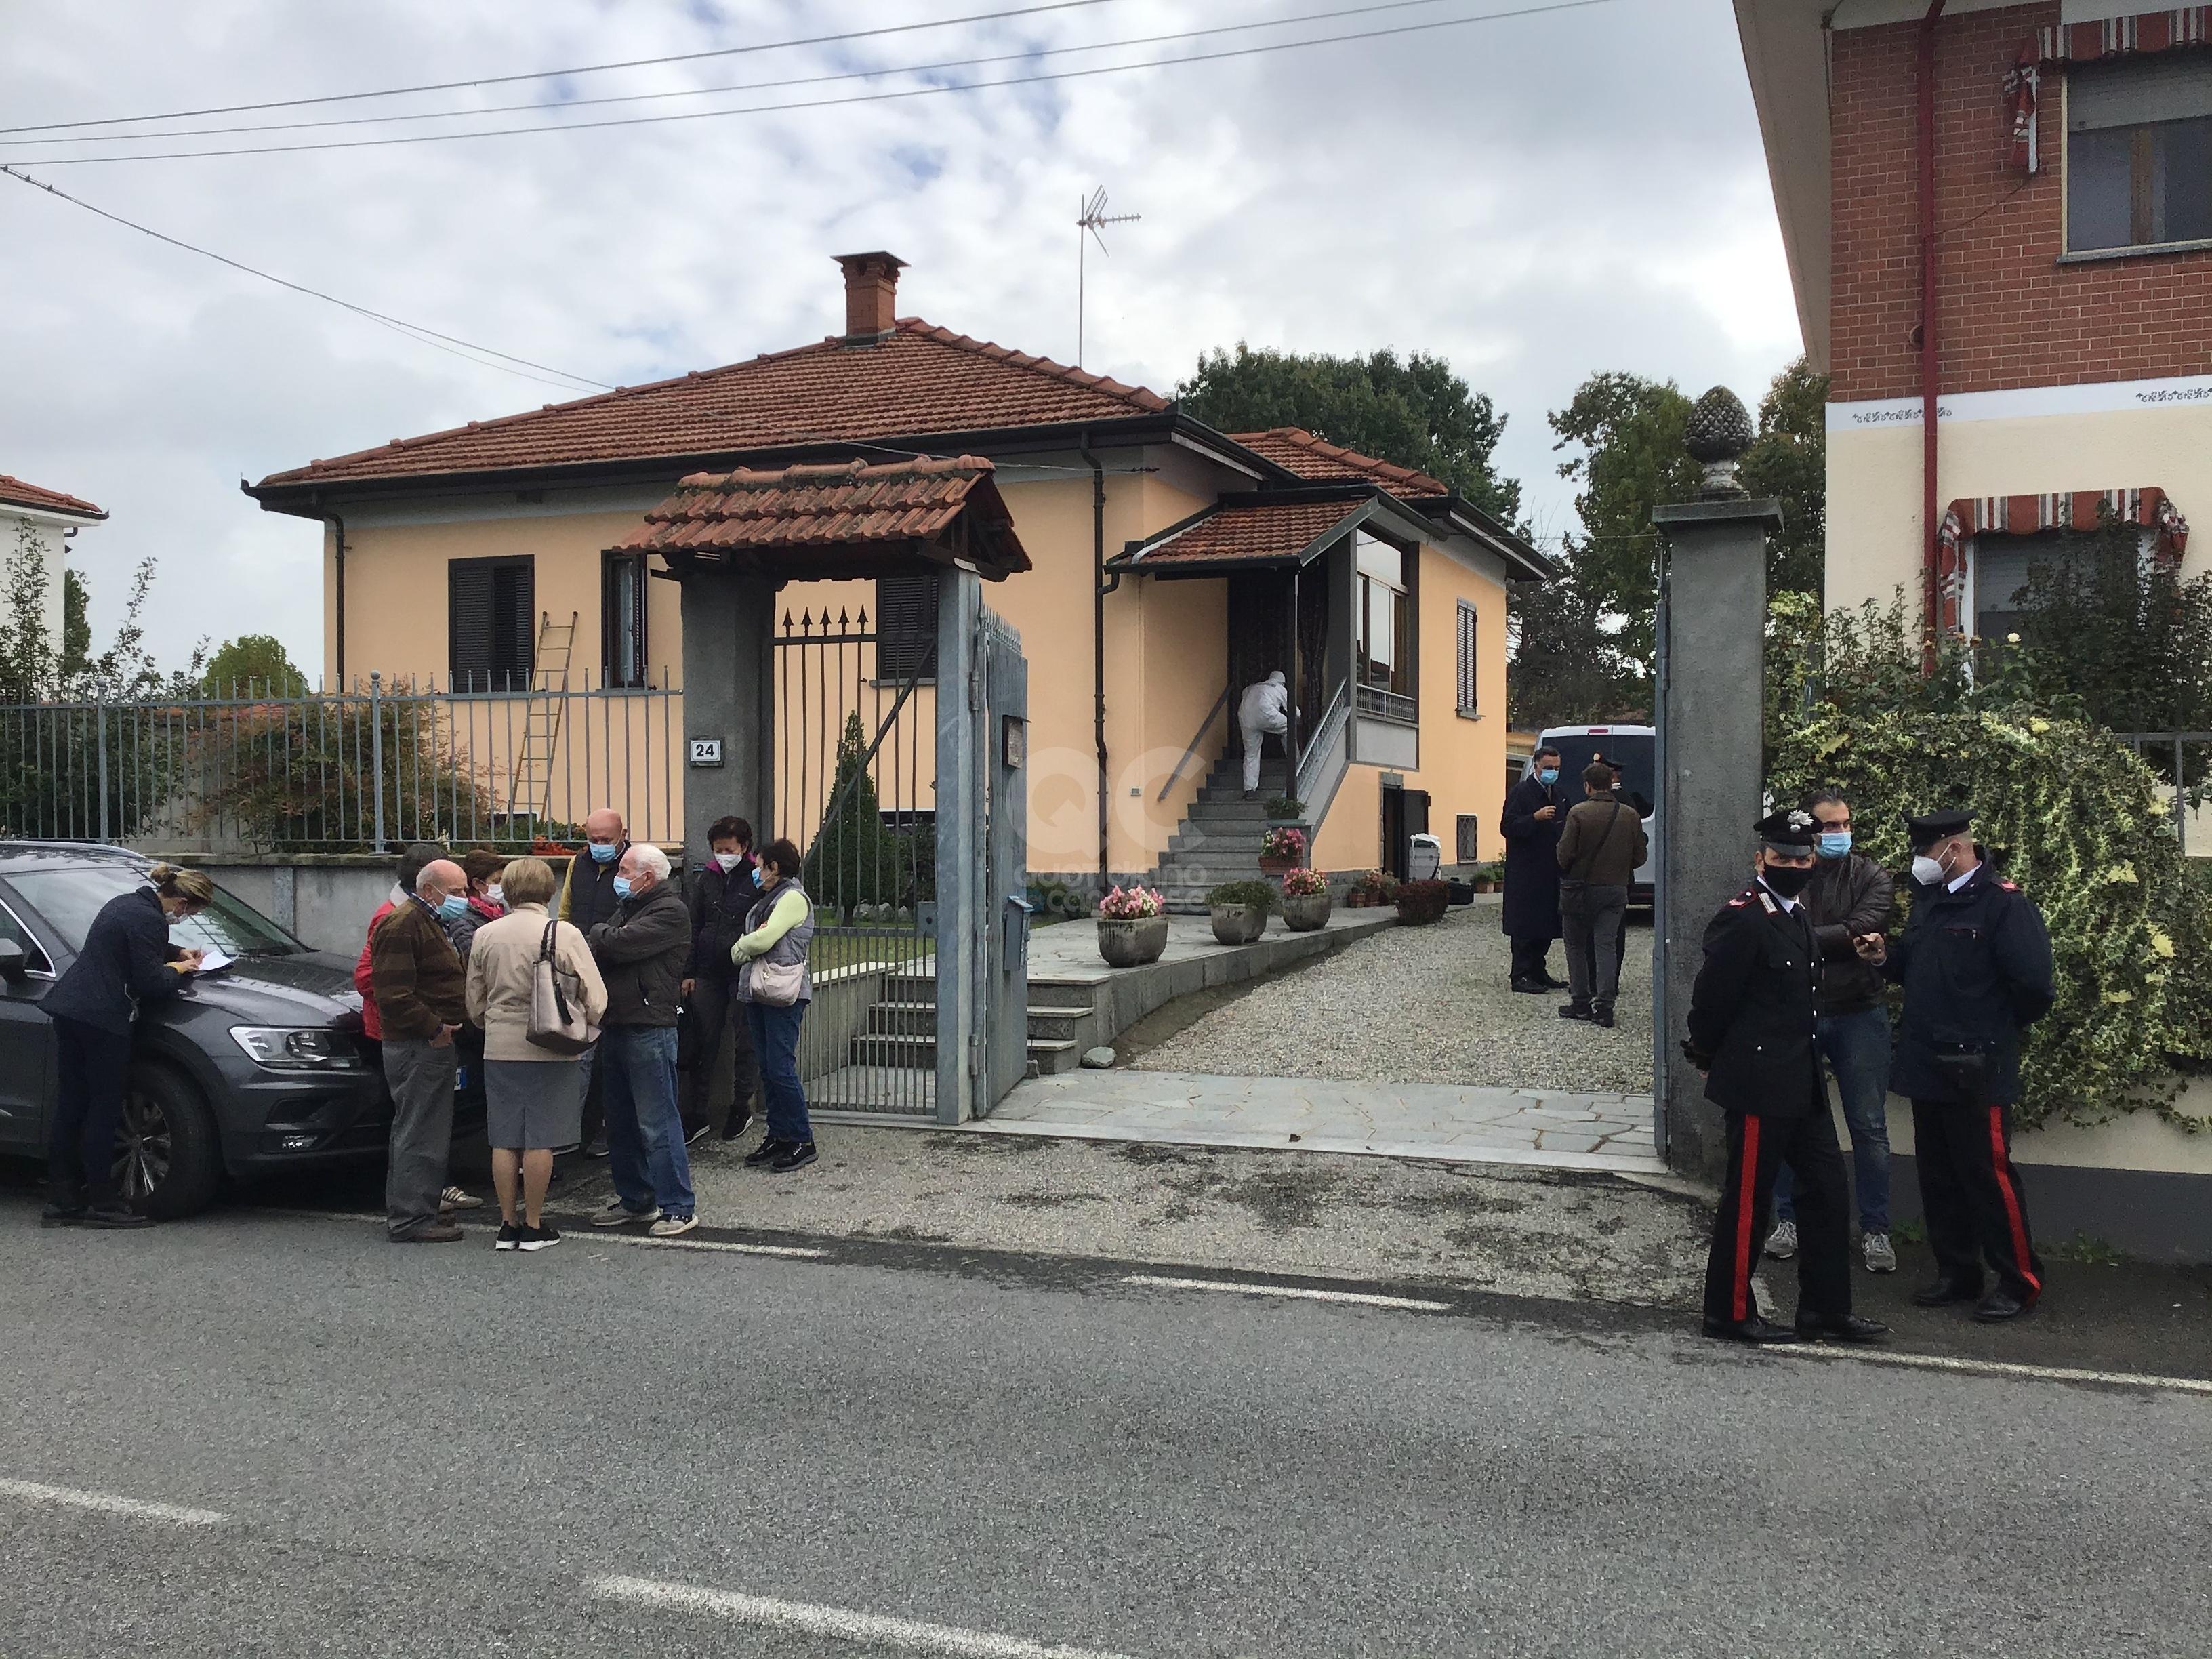 OMICIDIO A SAN BENIGNO CANAVESE - Donna accoltellata nella villetta: trovata morta questa mattina - FOTO E VIDEO